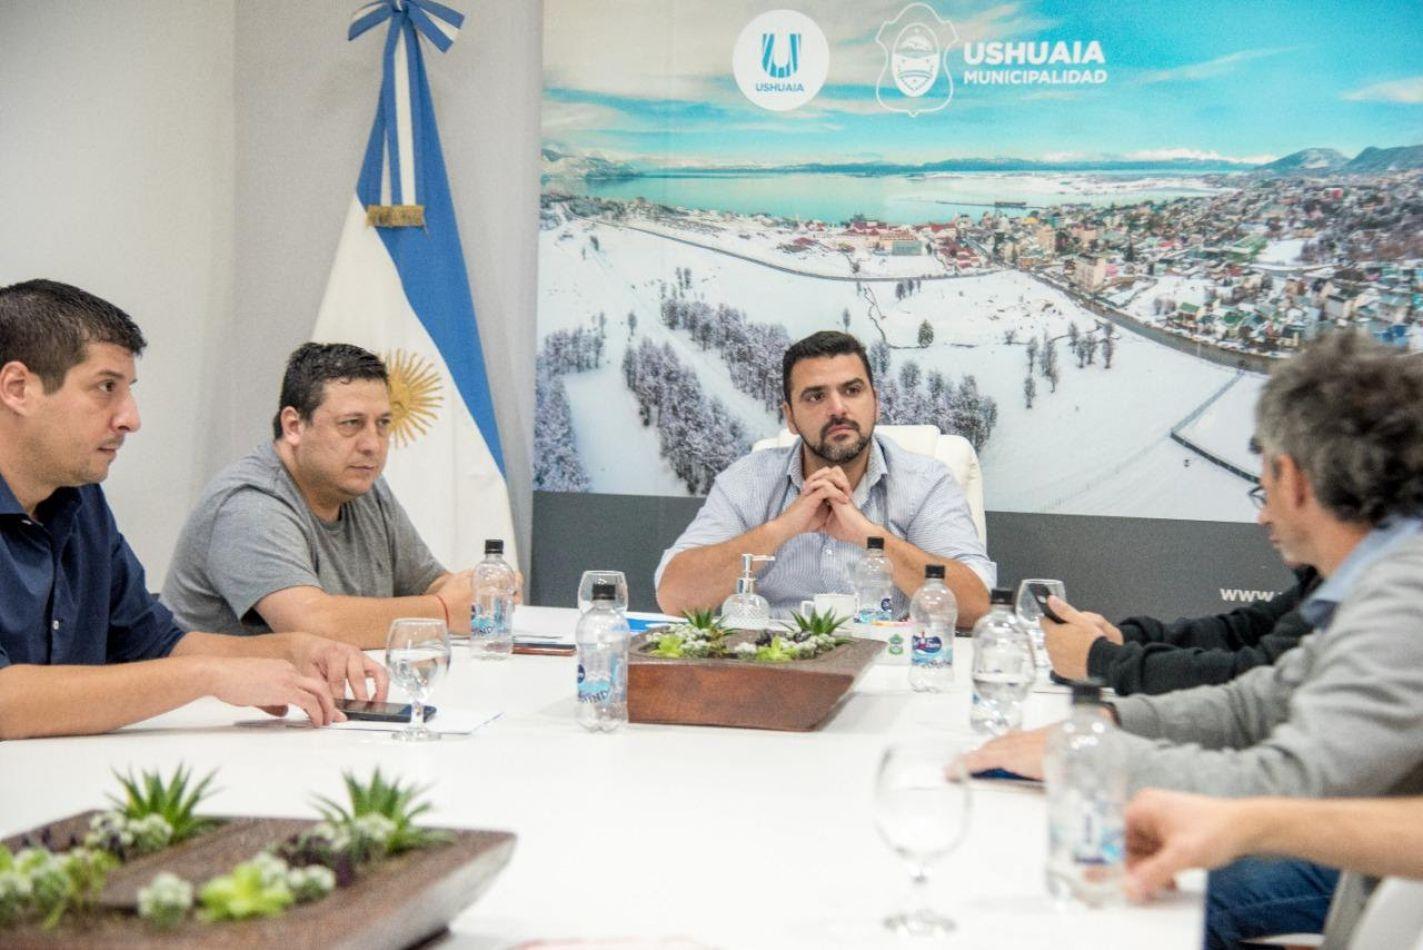 Reunión para evaluar la marcha de las acciones de prevención mitigación en Ushuaia